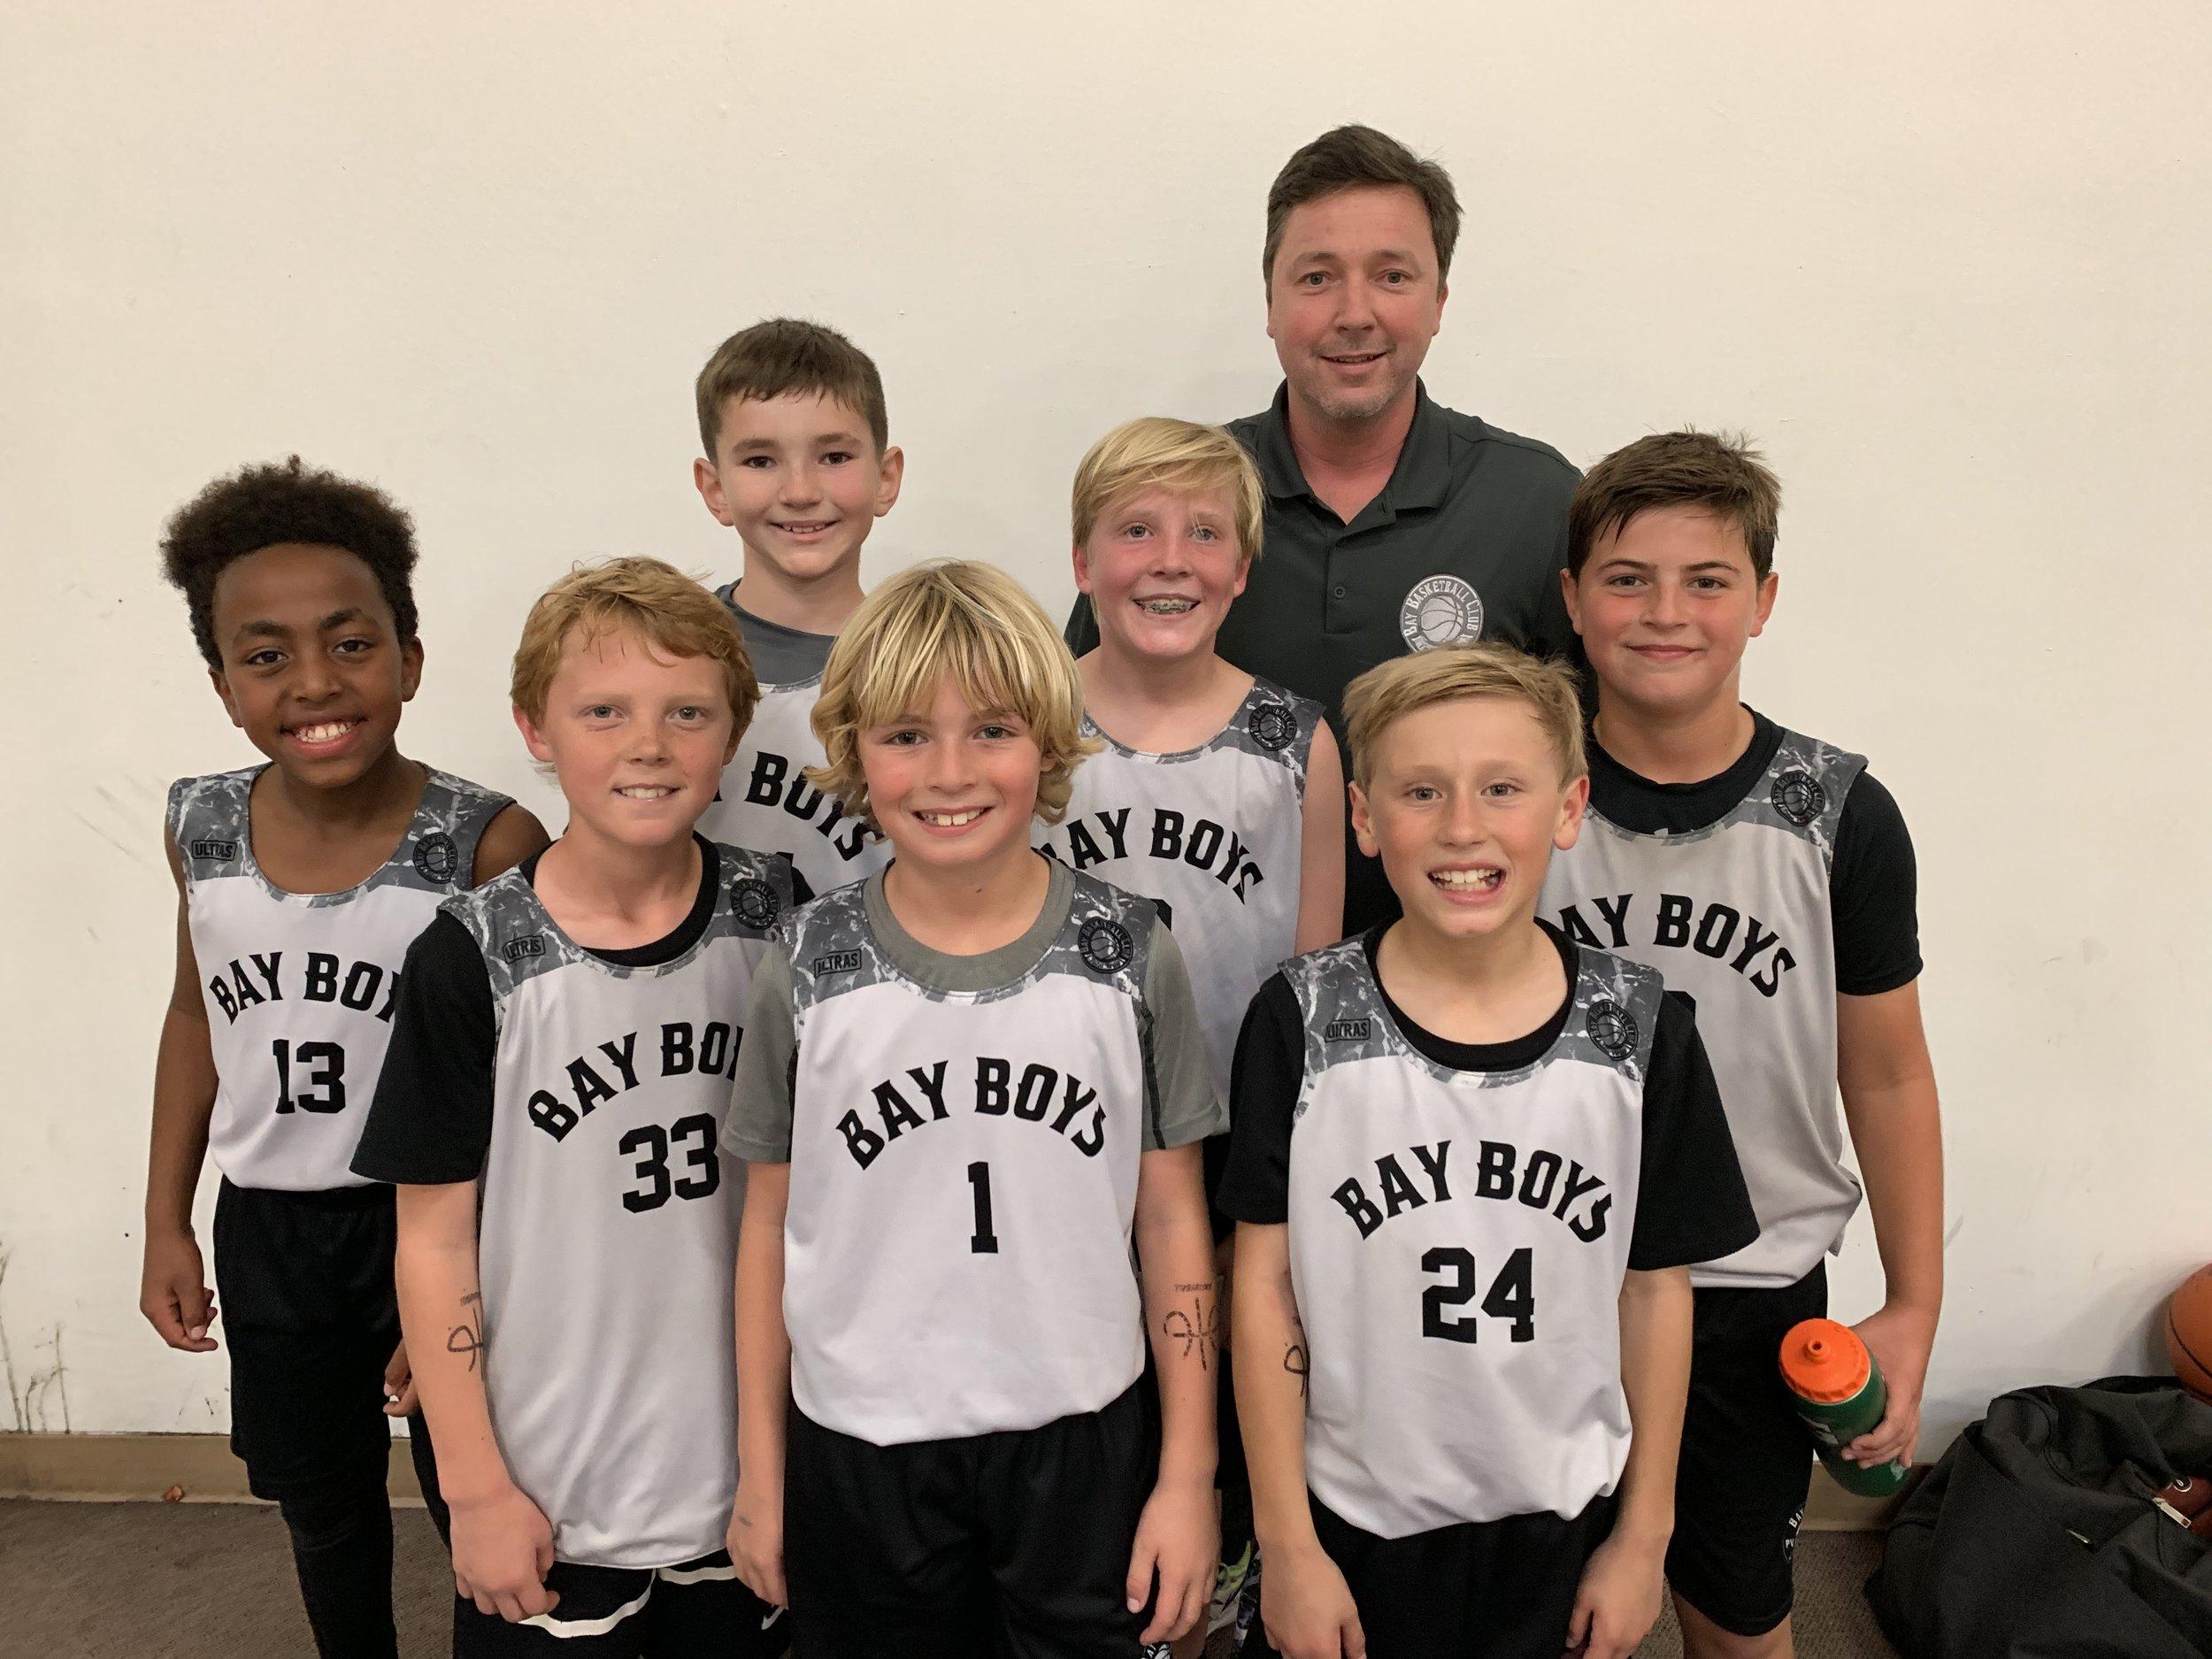 pv bay boys basketball gang.JPEG